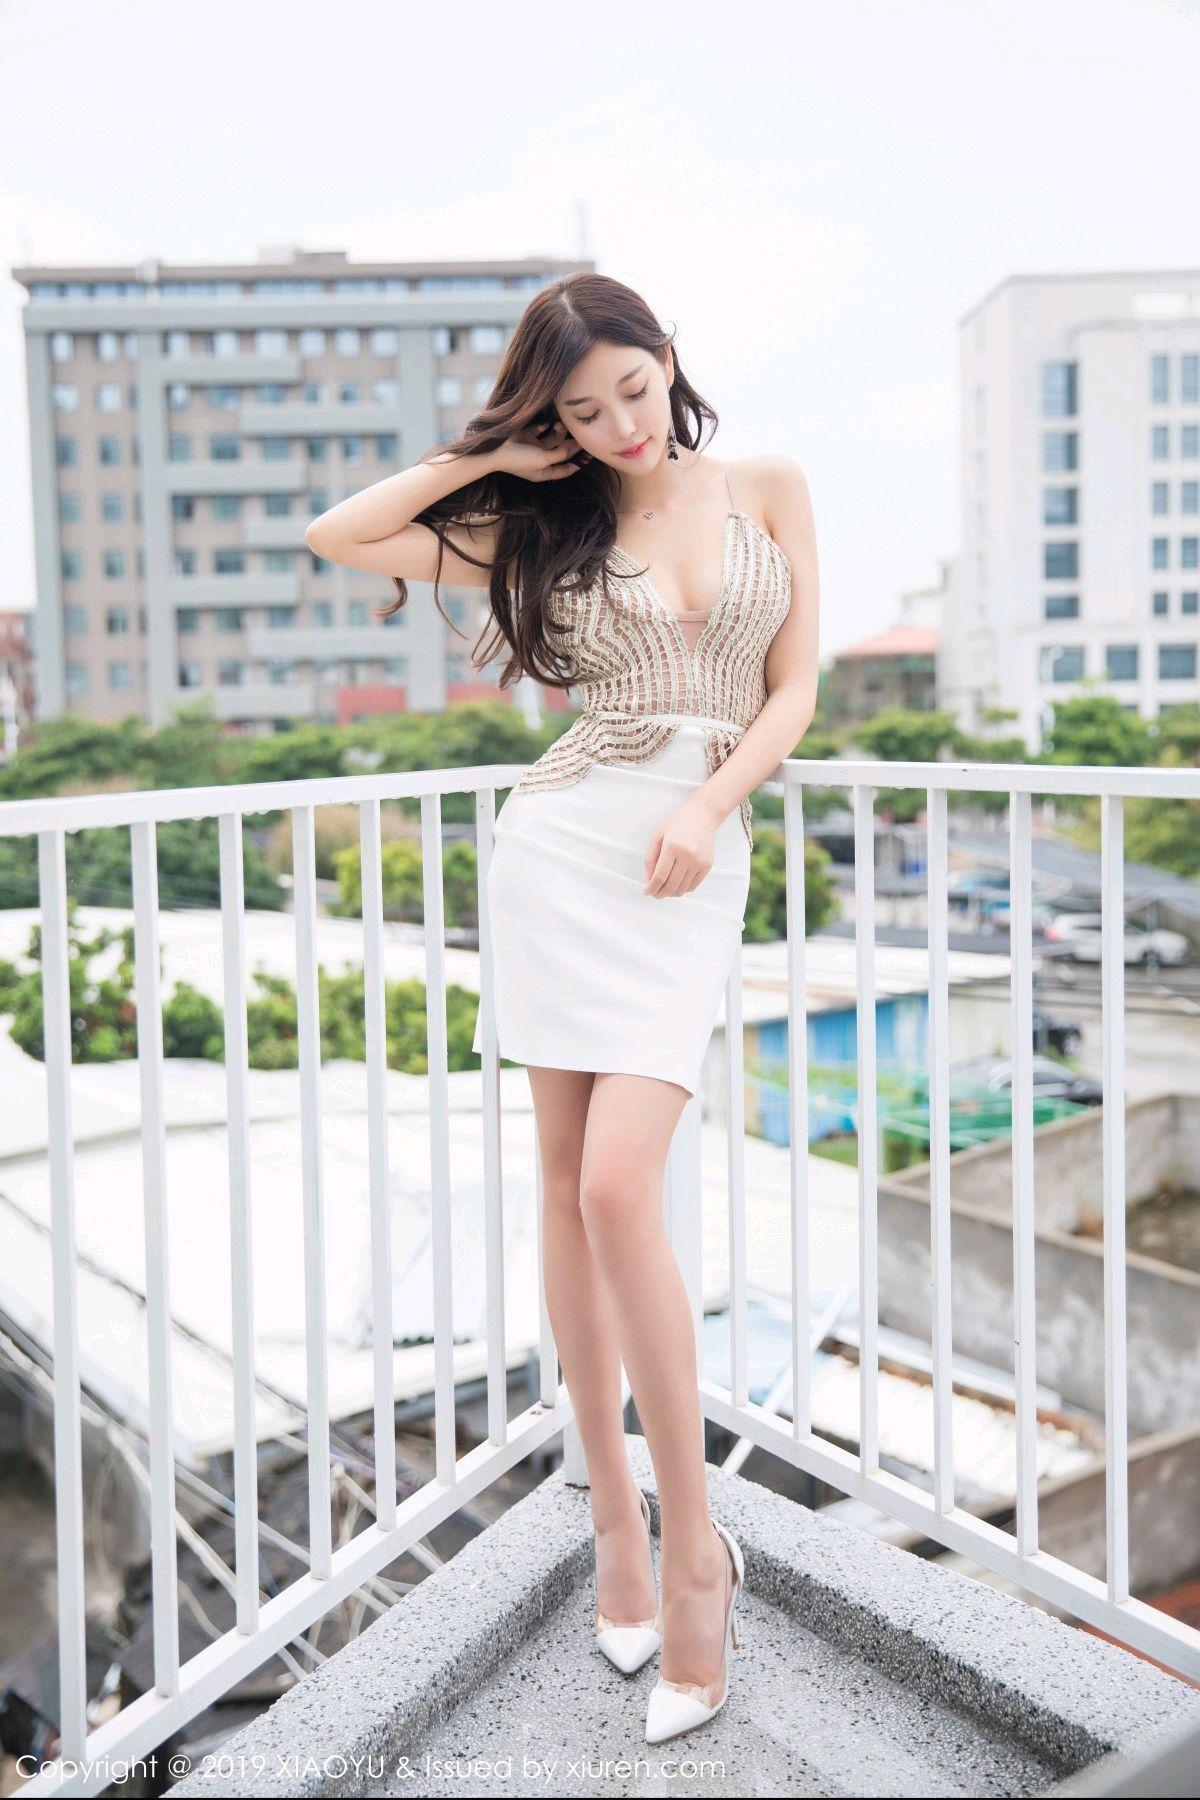 [XiaoYu] Vol.010 Yang Chen Chen 25P, Tall, XiaoYu, Yang Chen Chen